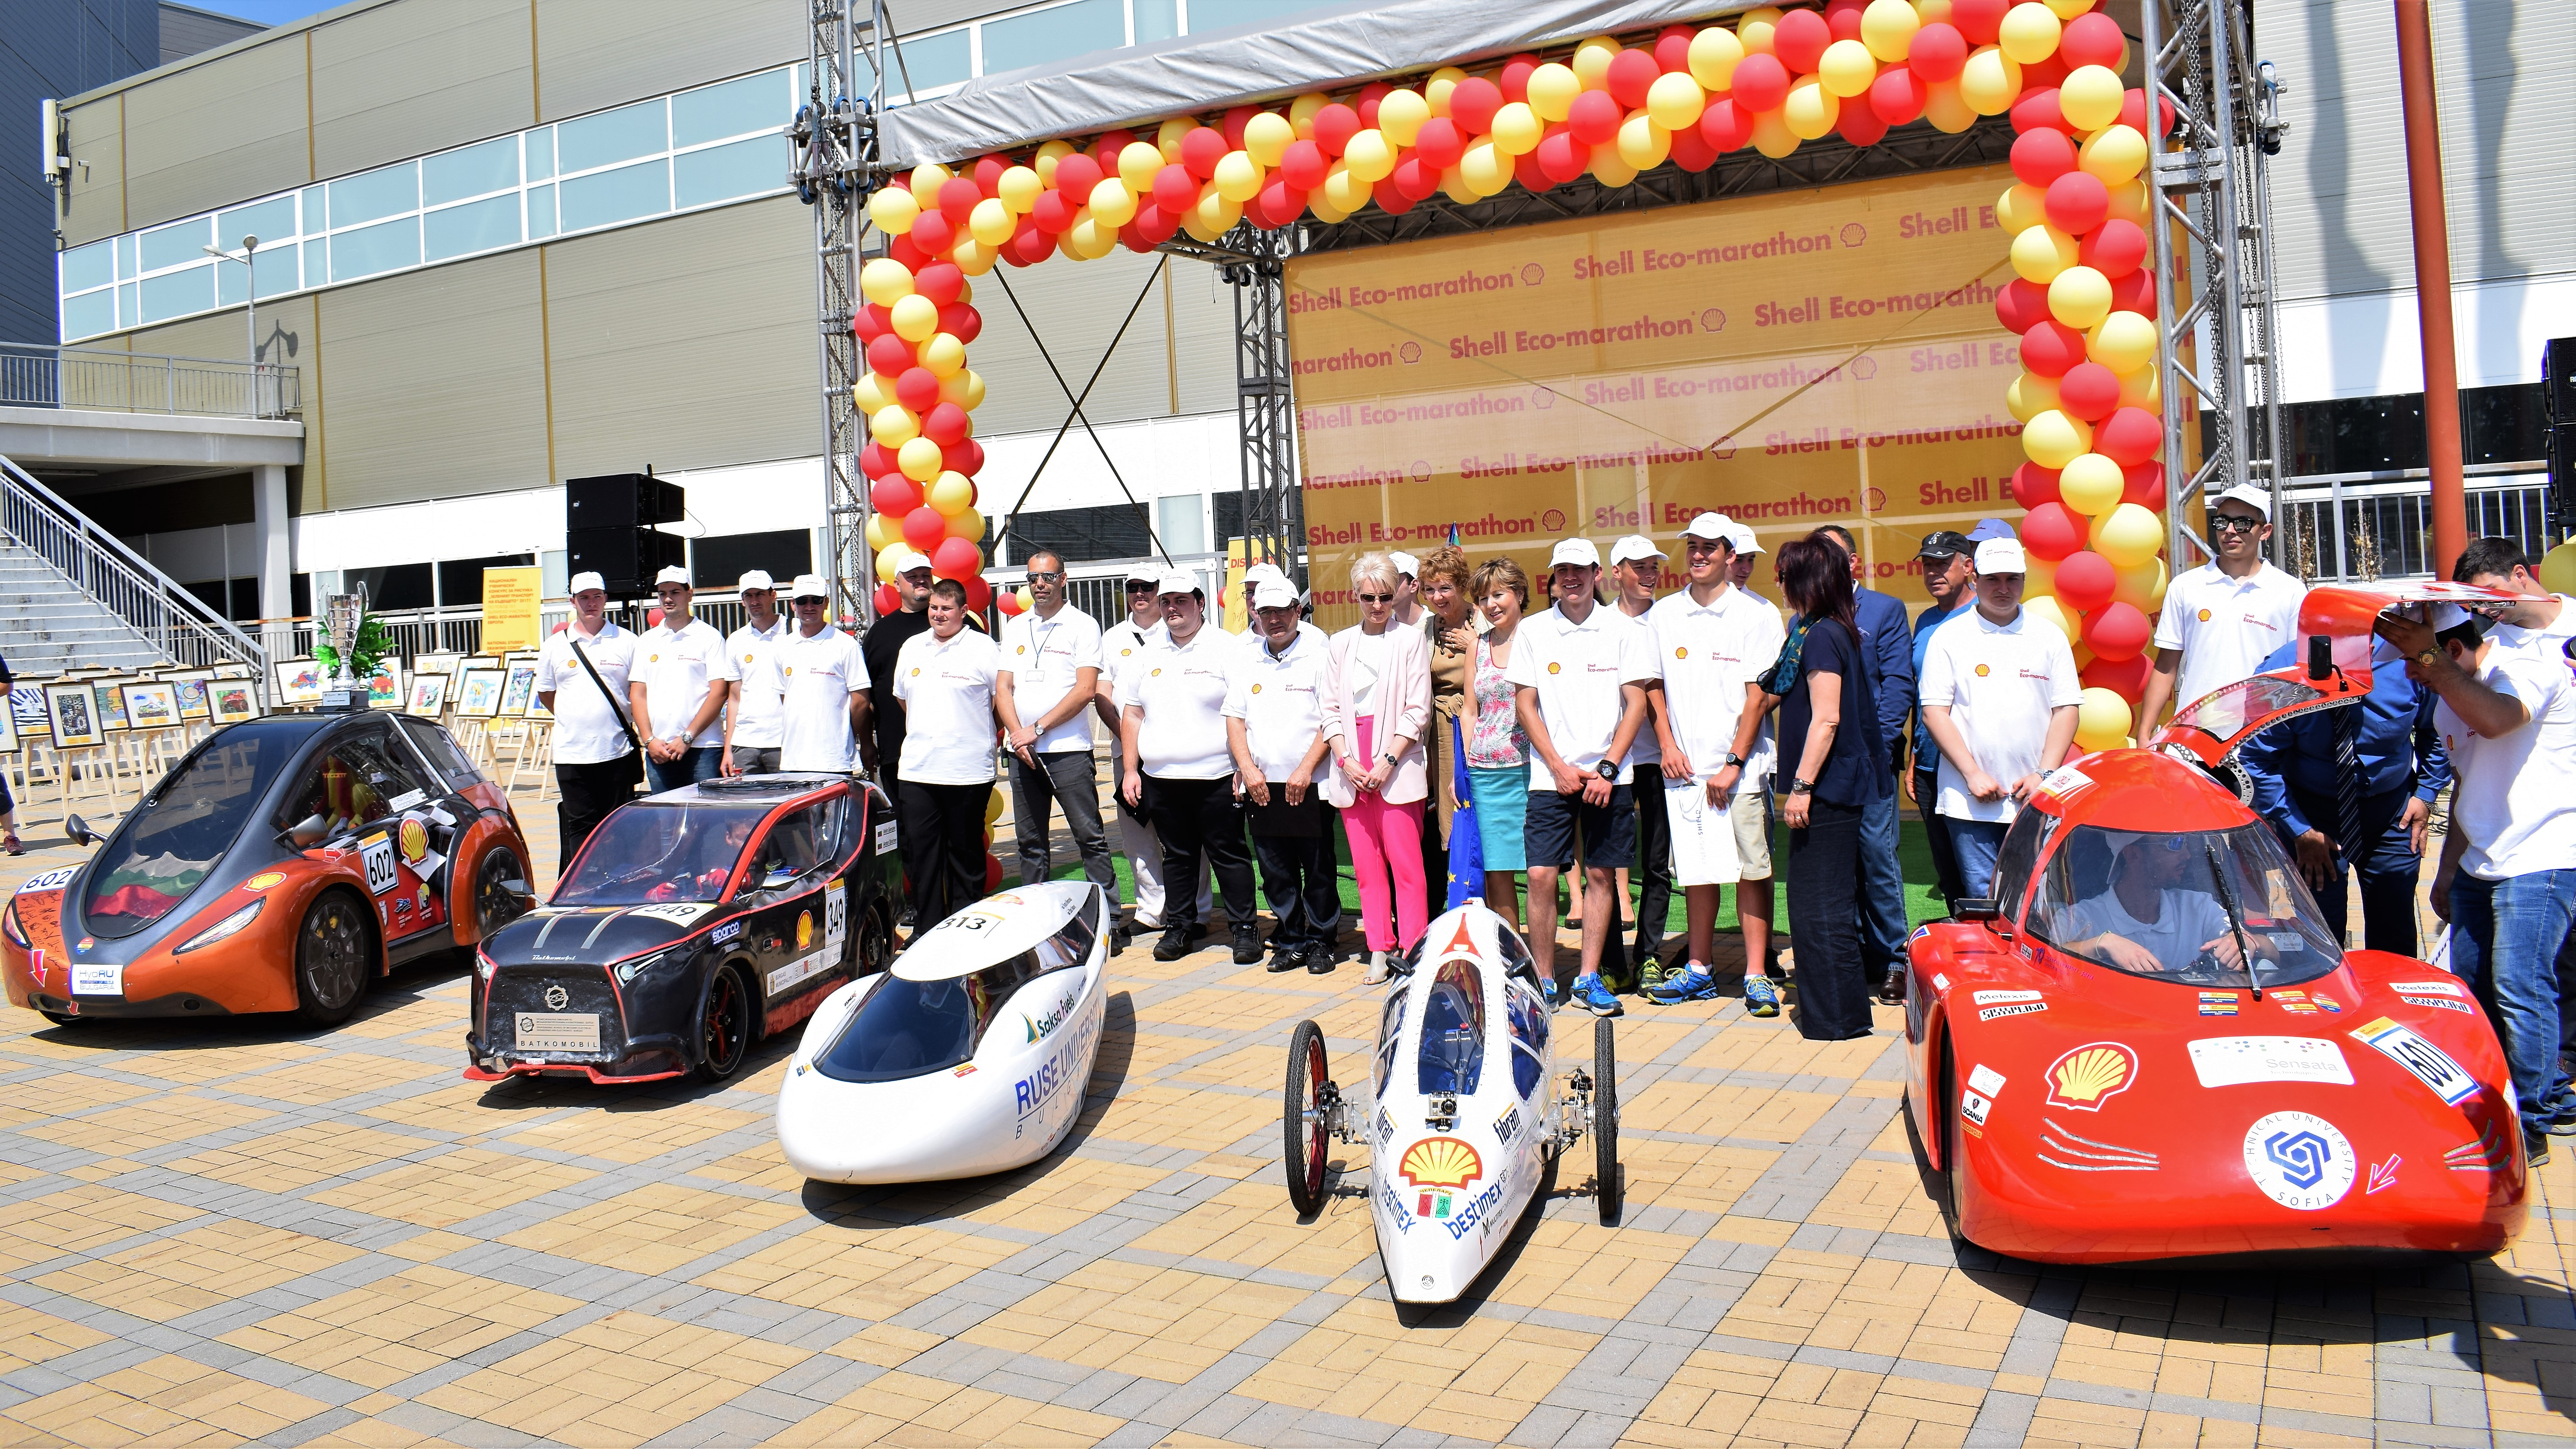 Ето ги българските отбори и техните автомобили за Shell Eco-marathon Европа 2018